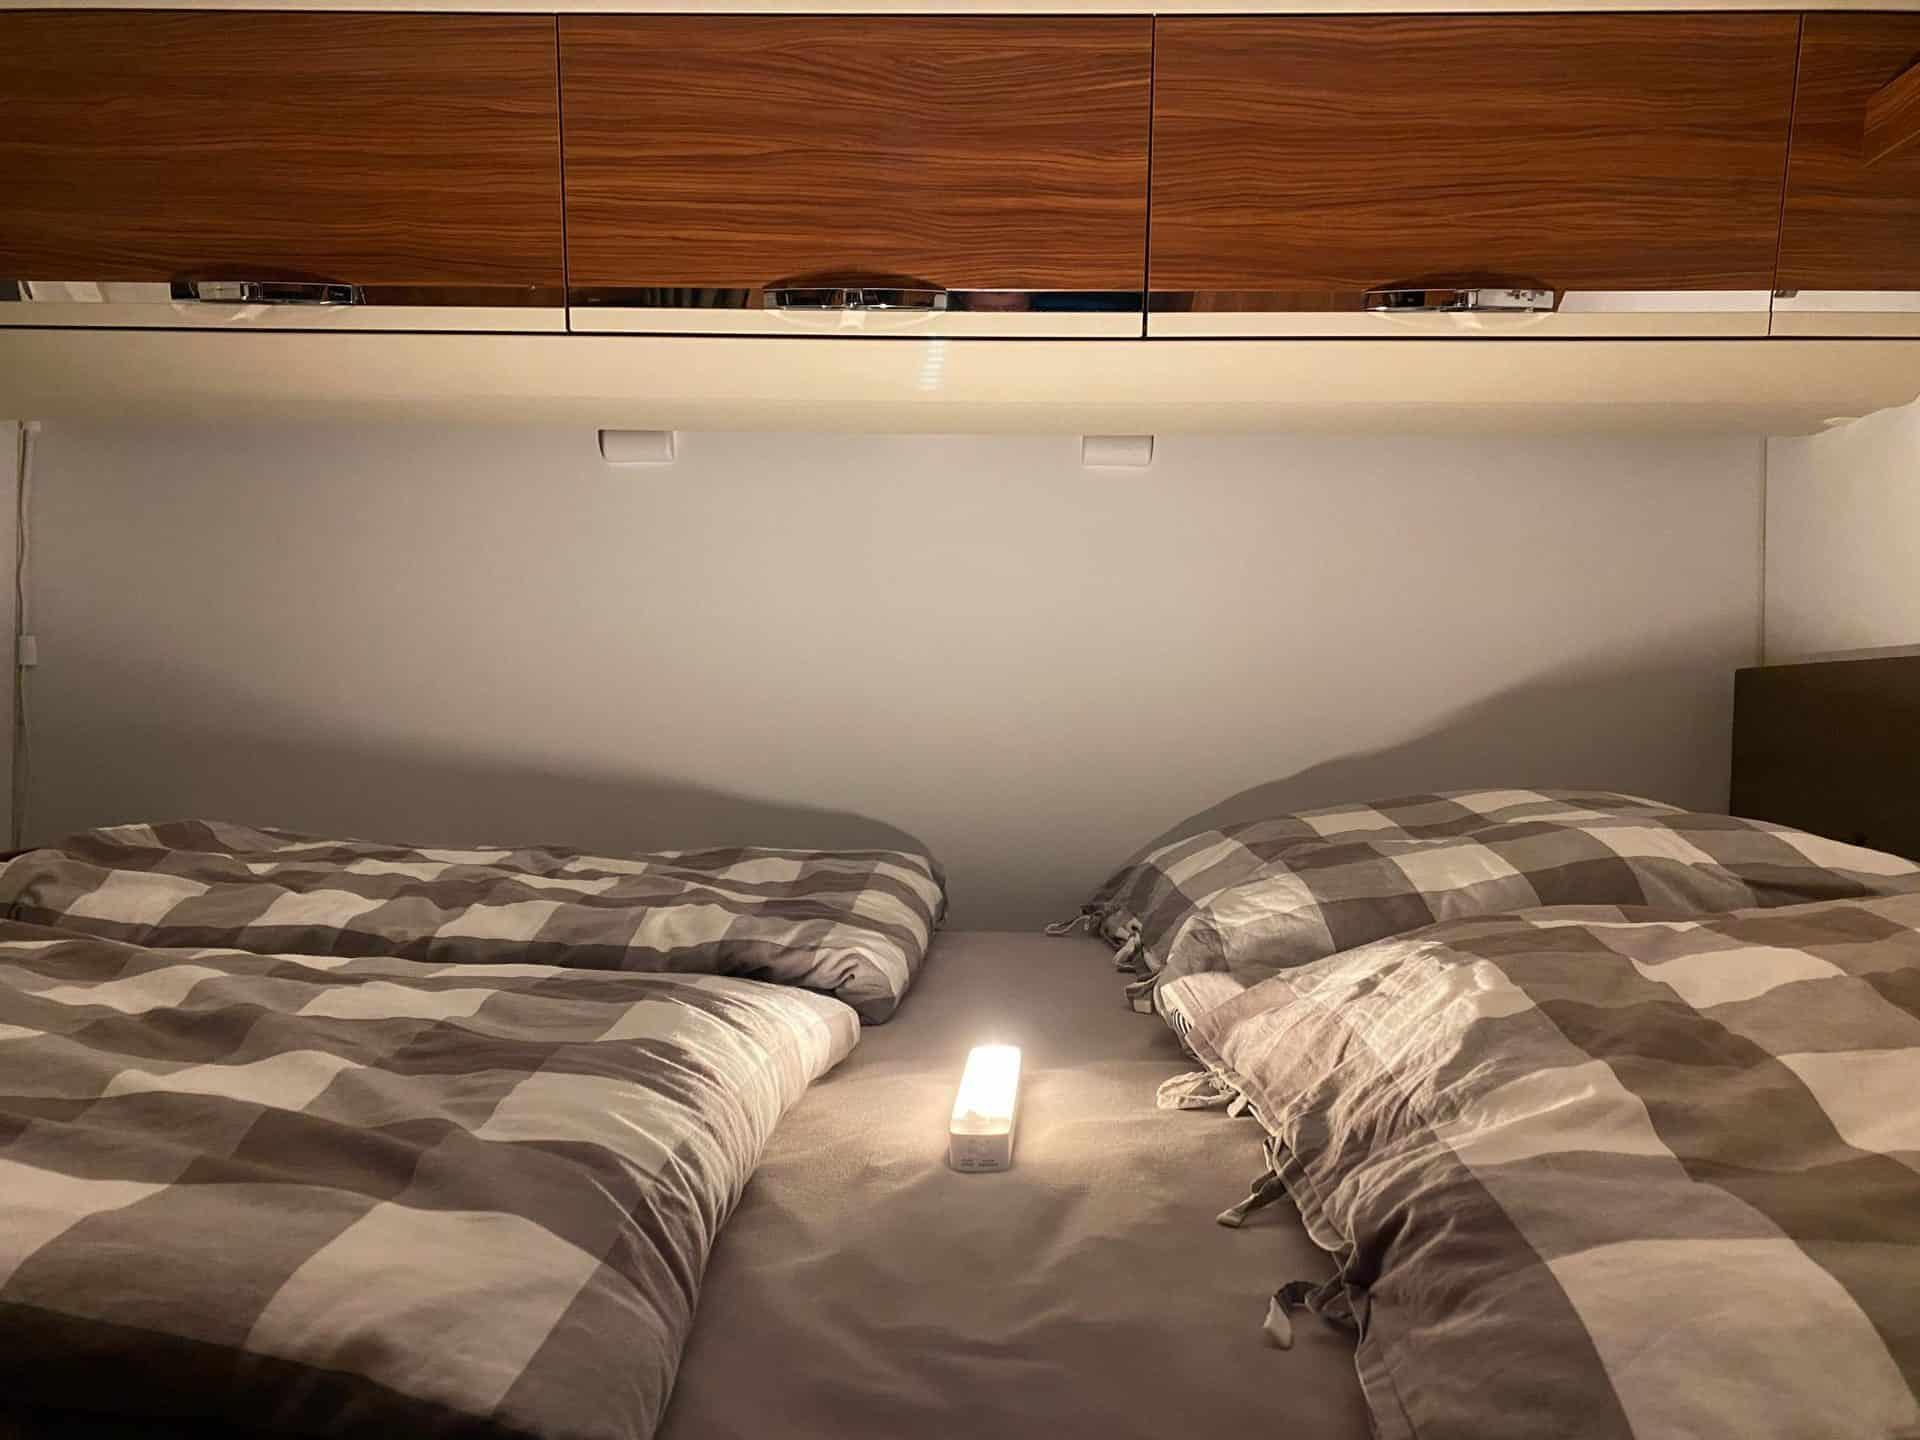 AUVON-wiederaufladbare-Schrank-Beleuchtung-Schlafzimmer-260-Lumen-scaled.jpeg